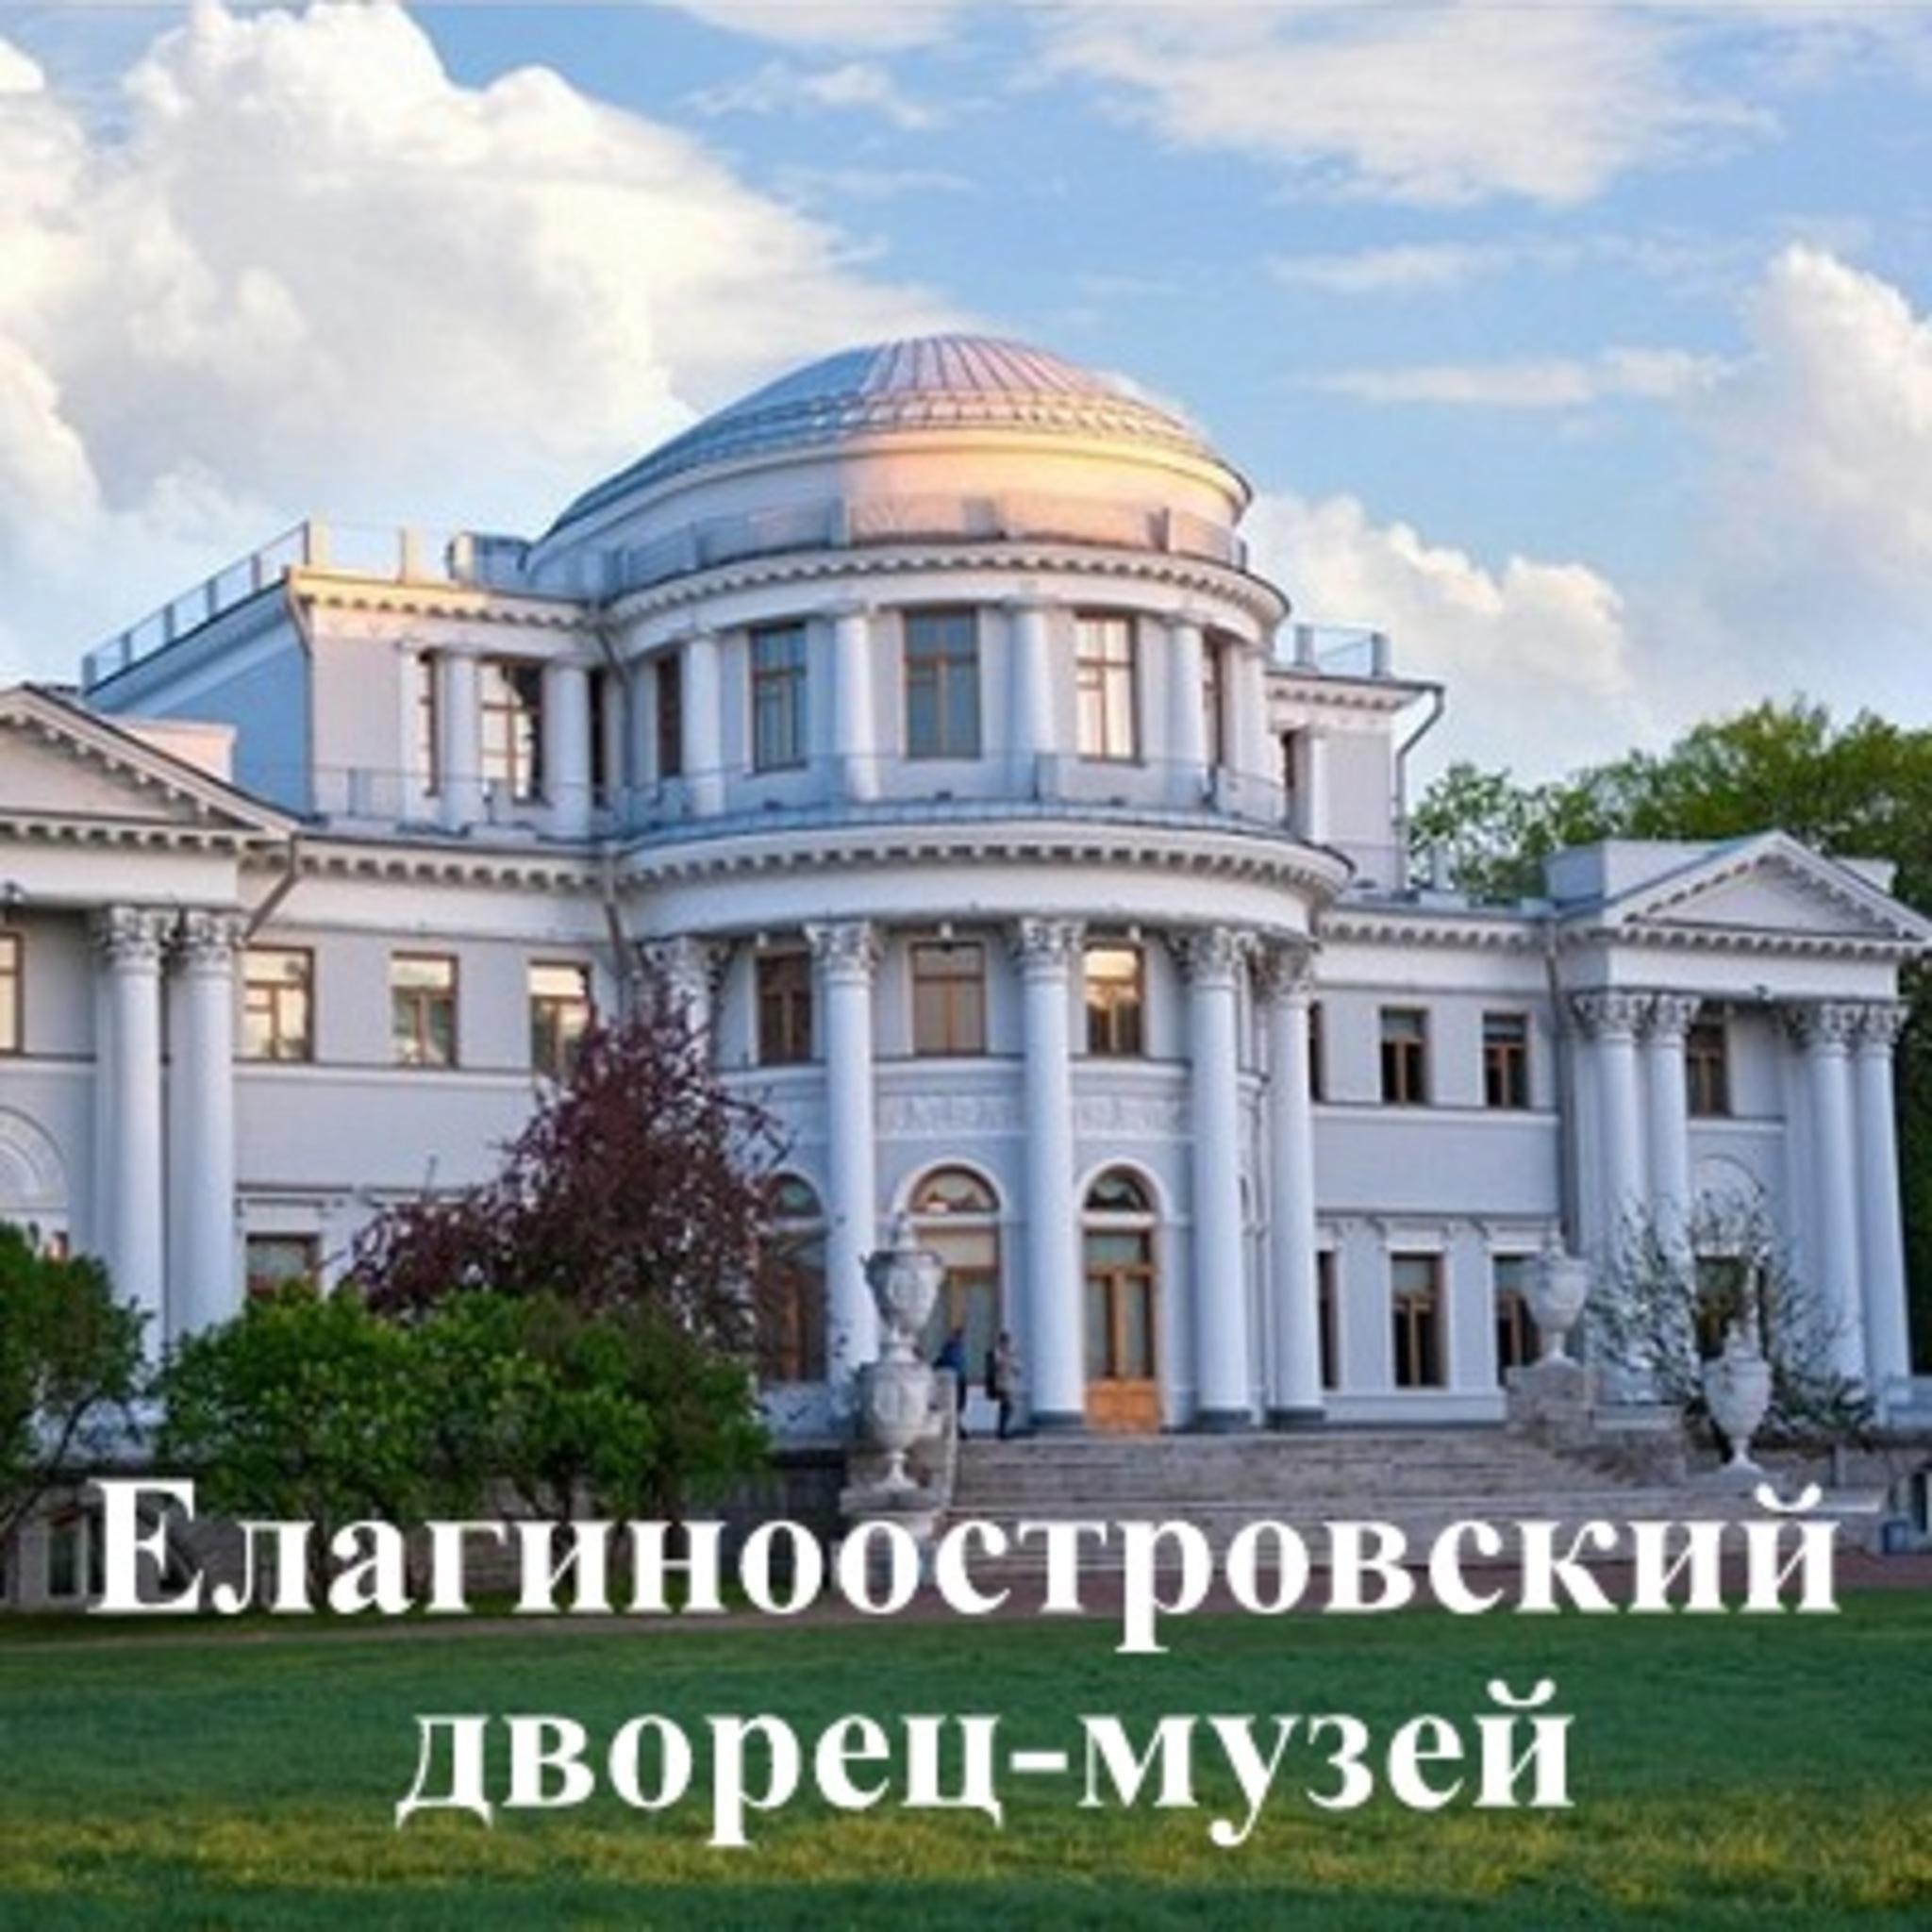 Елагиноостровский дворец-музей